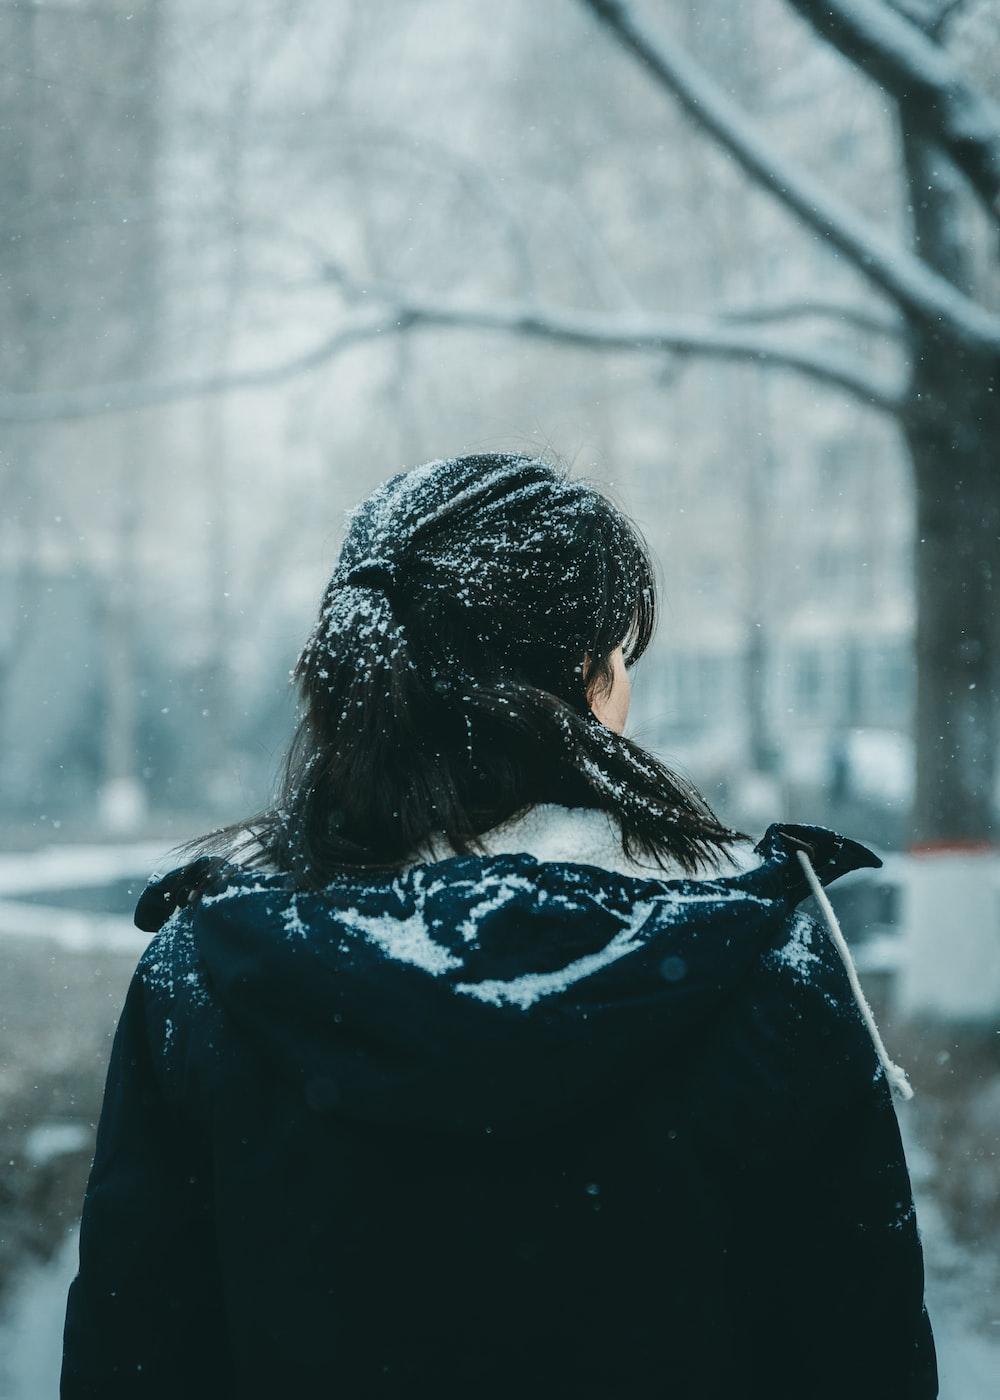 woman wearing black coat